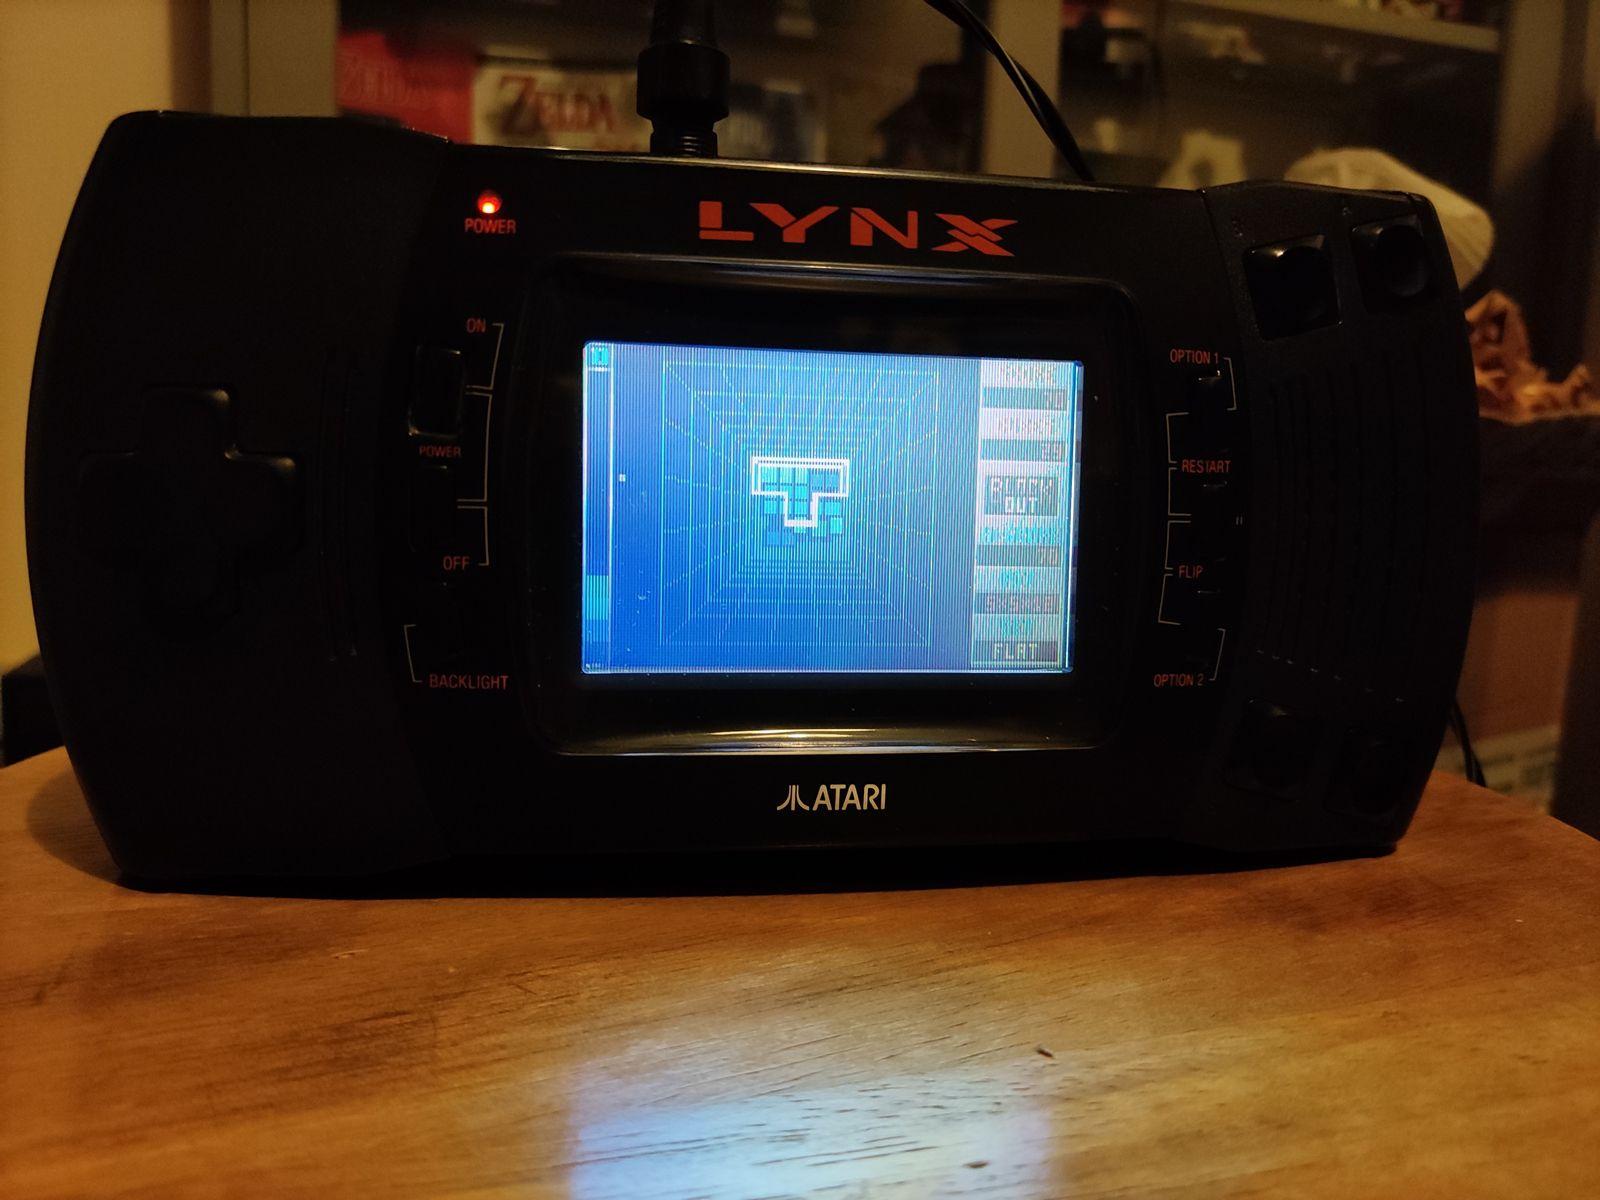 La console que j'ai acheté sur un groupe facebook avec le jeu Block Out (test de Joypad)